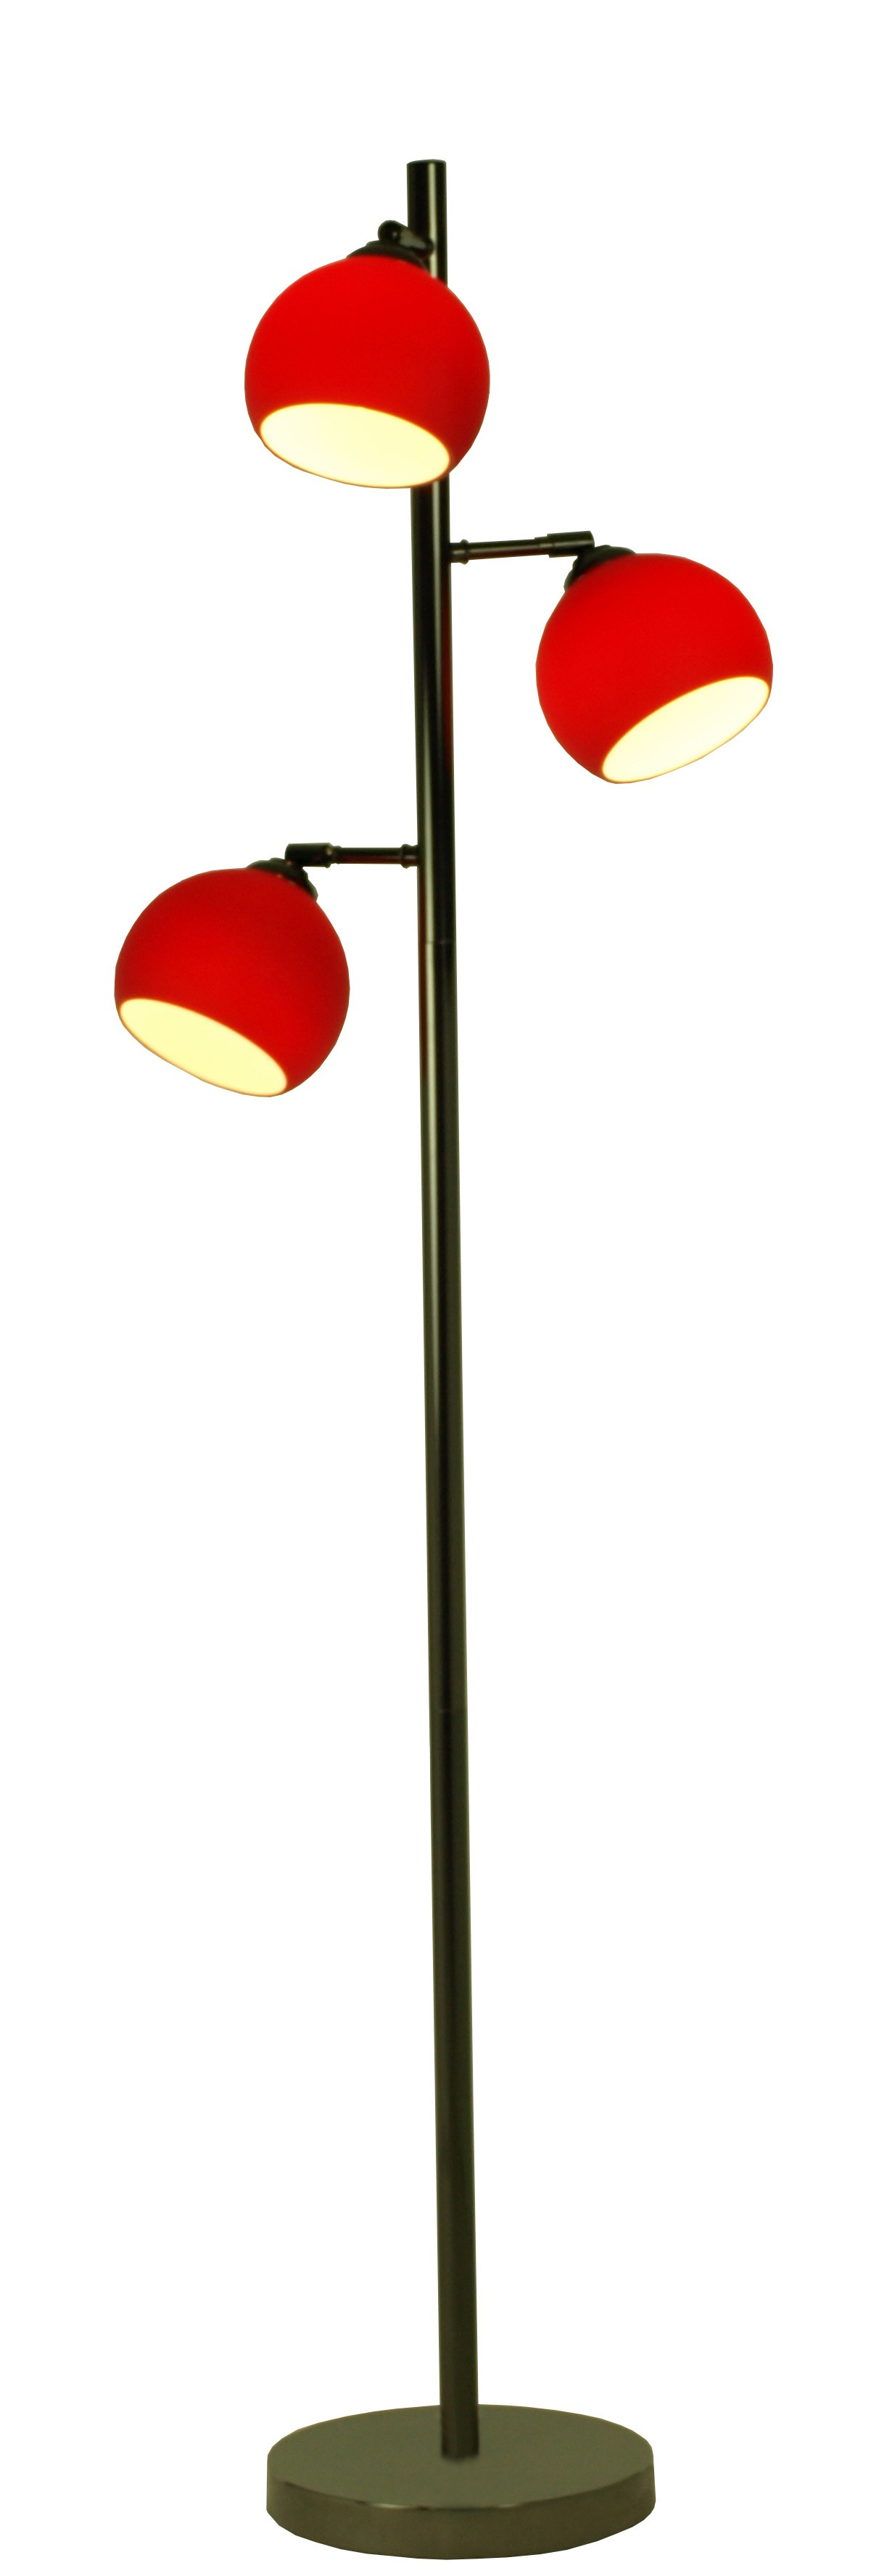 stehlampe mod ball floor rot h c m bel. Black Bedroom Furniture Sets. Home Design Ideas